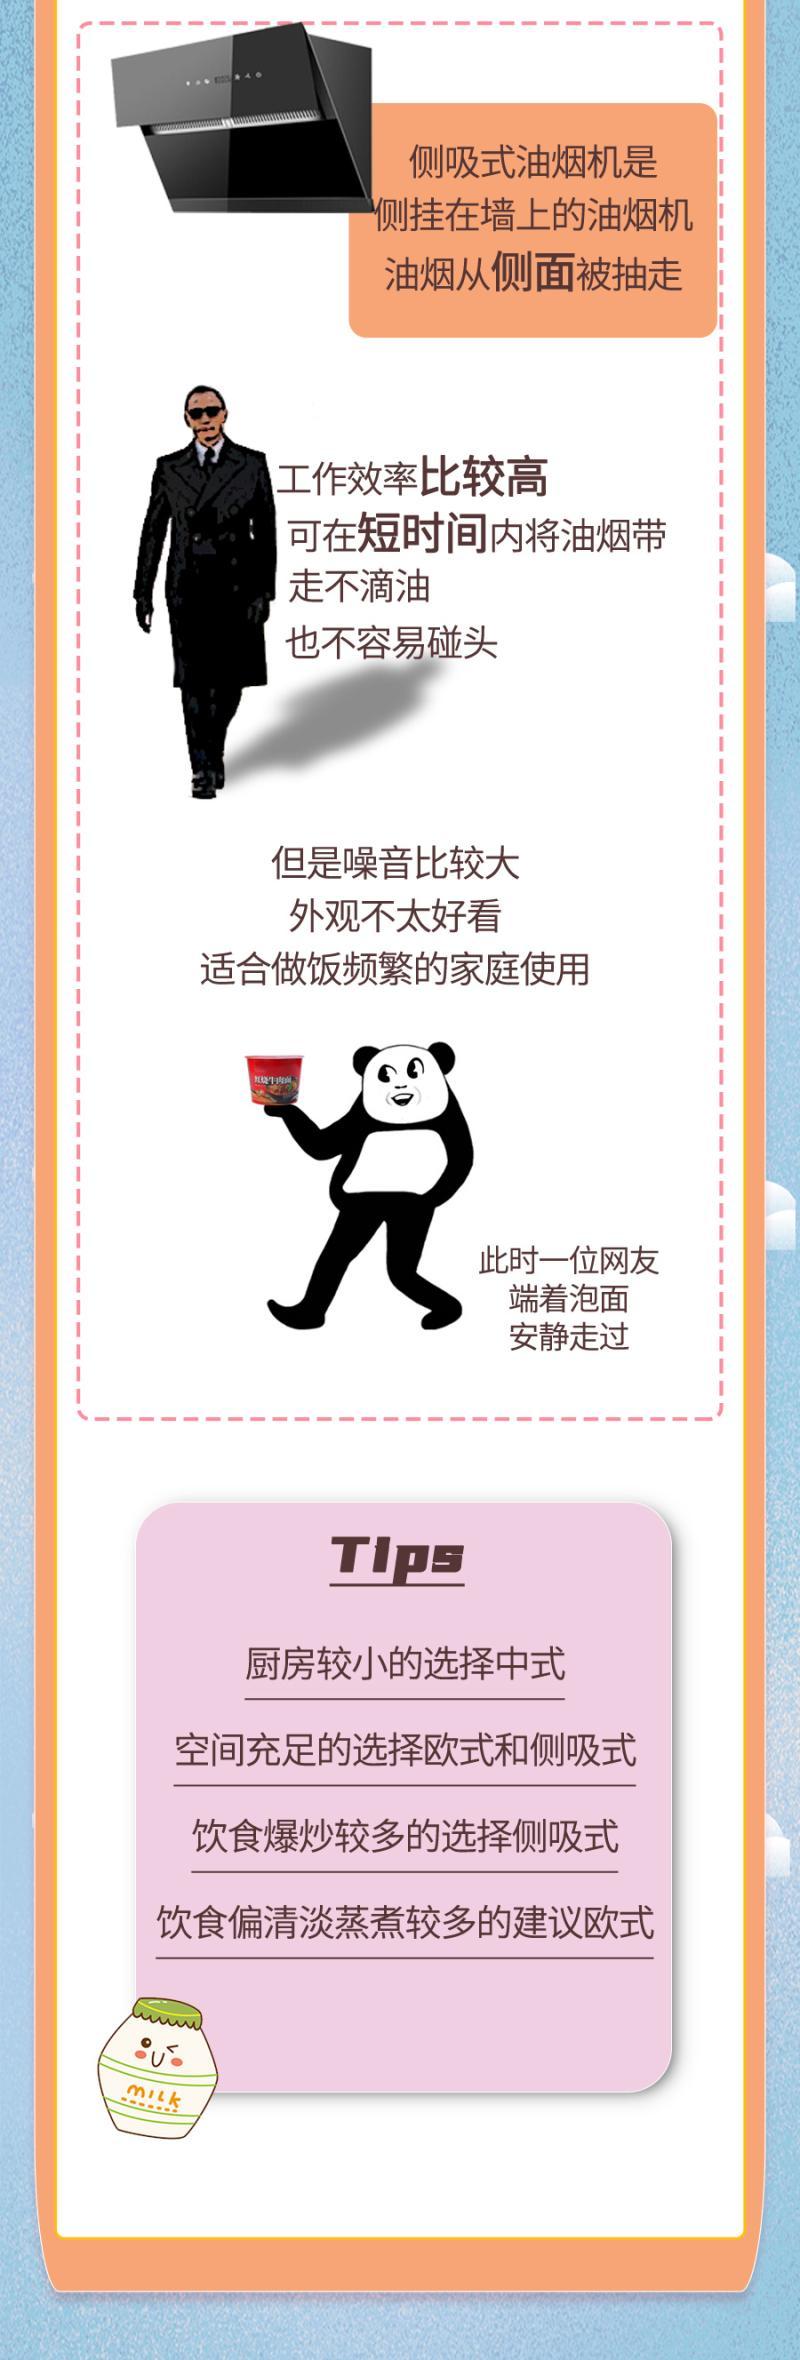 油烟机怎么选_04.jpg